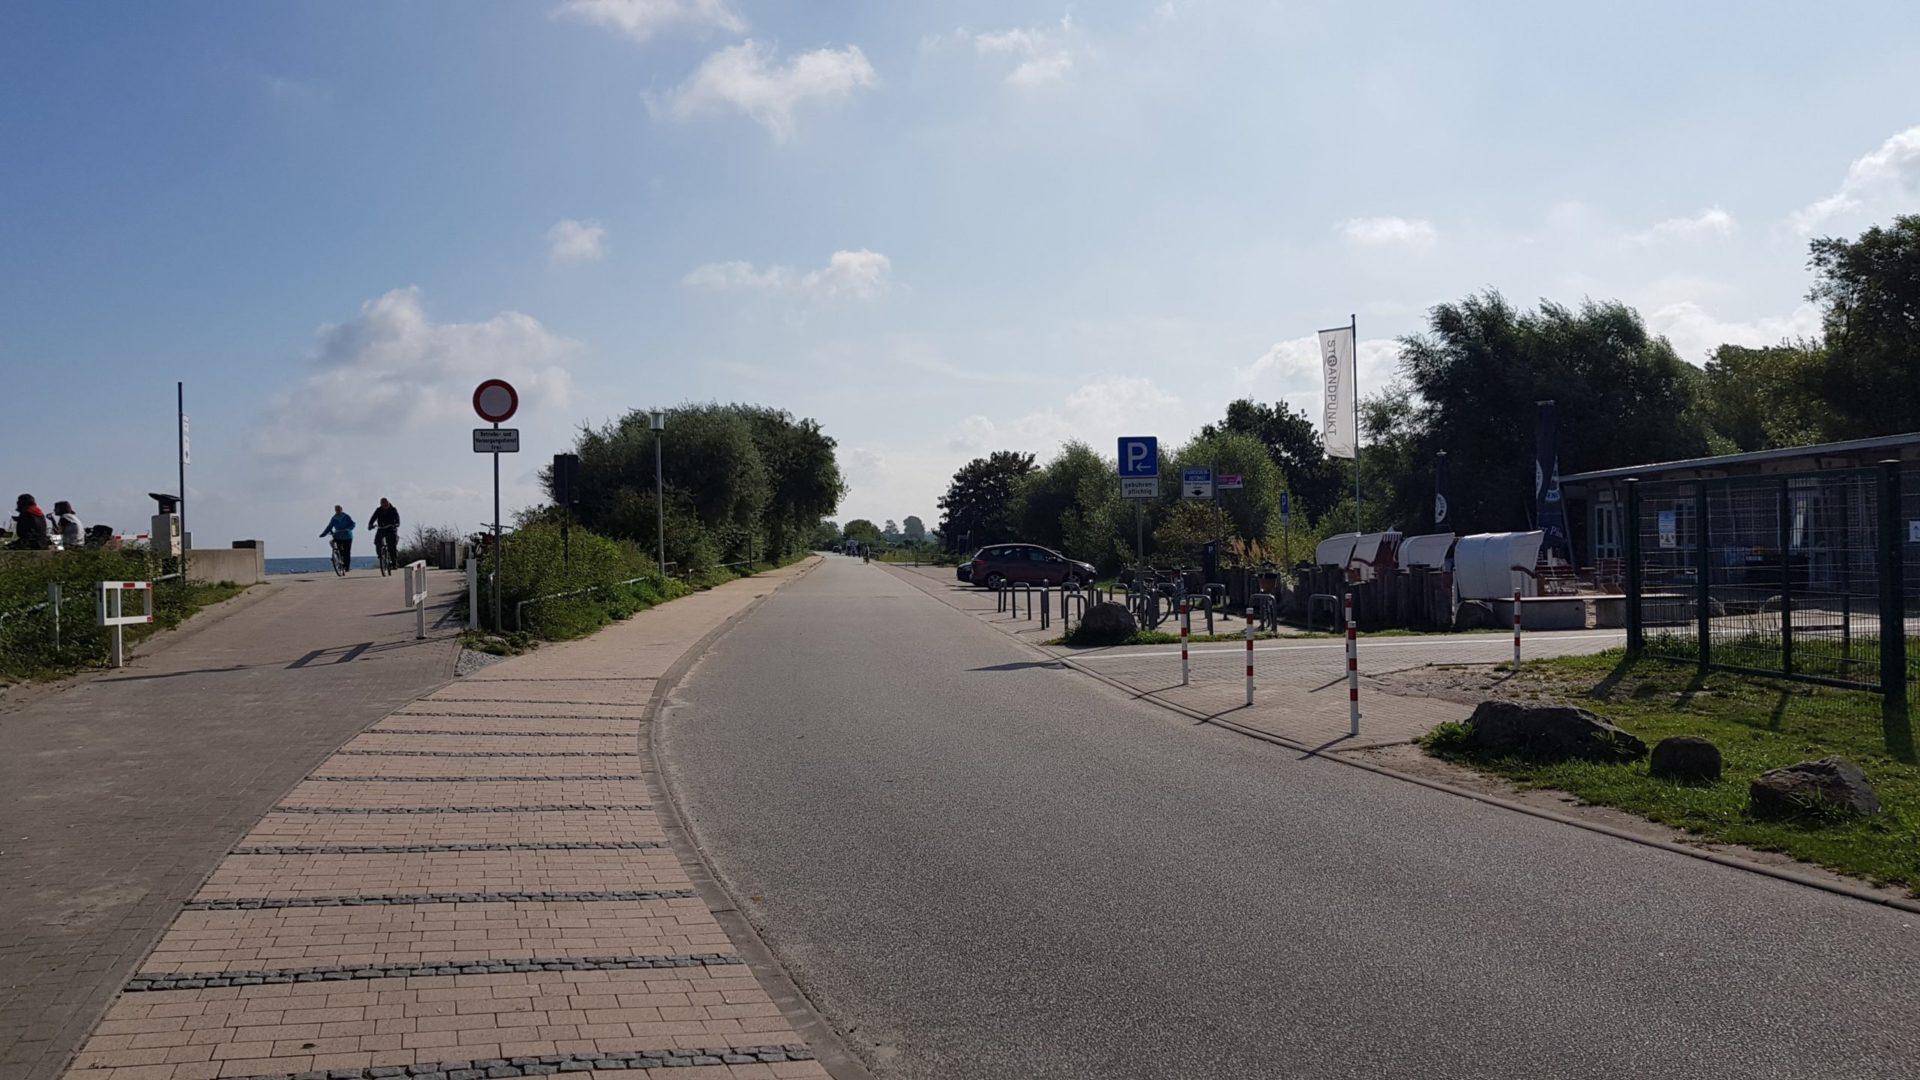 Parkplatz an der Seedeichstraße hinter dem Deich in Heiligendamm